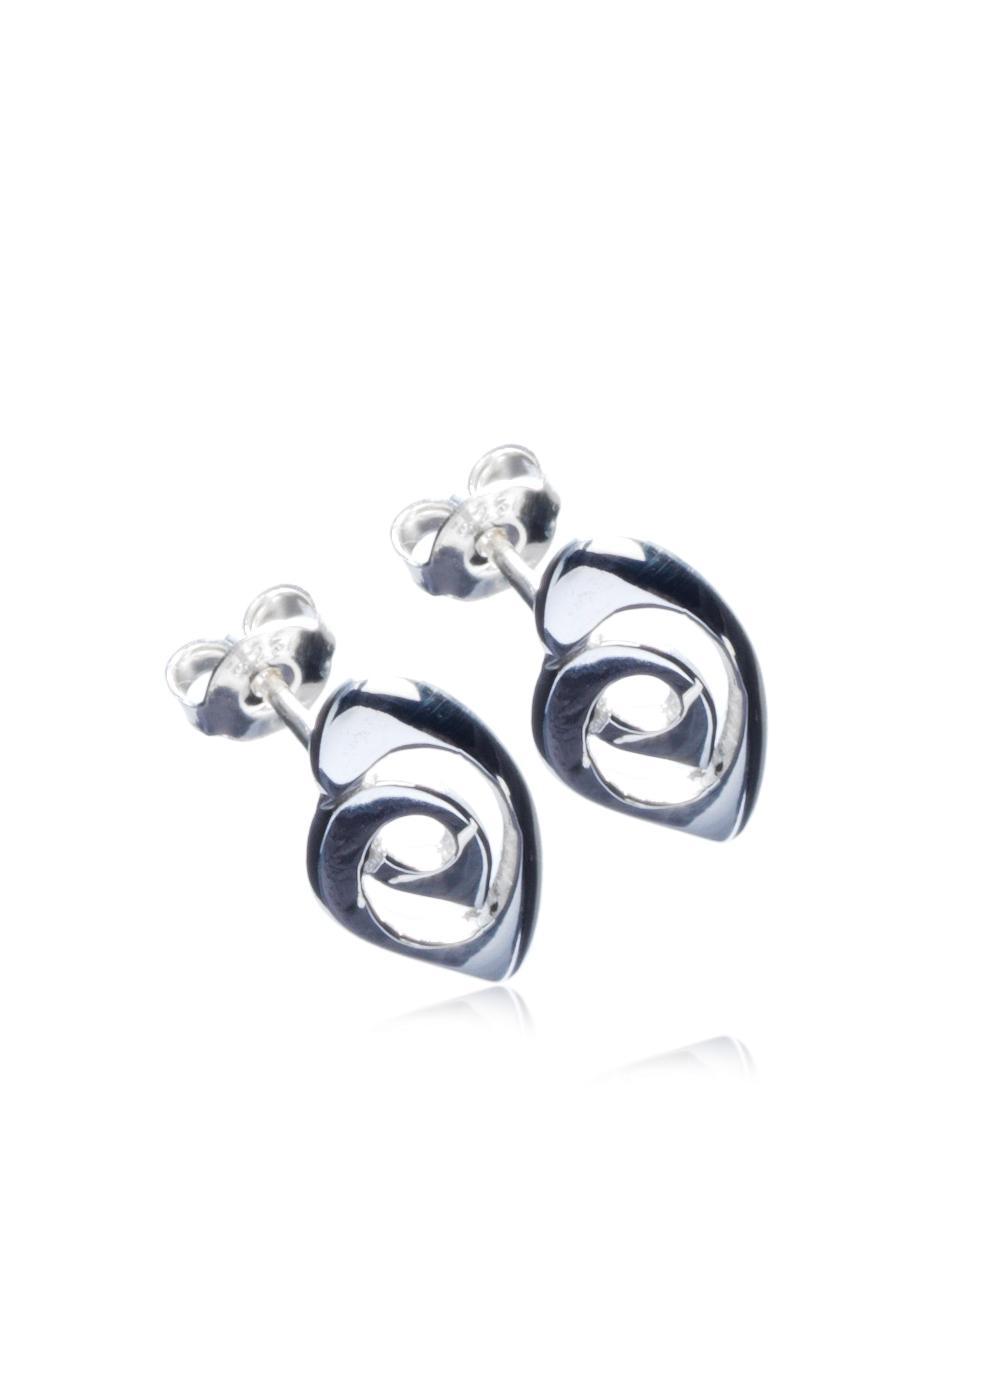 Sterling Silver Celtic Knot Stud Earrings Declan Killen